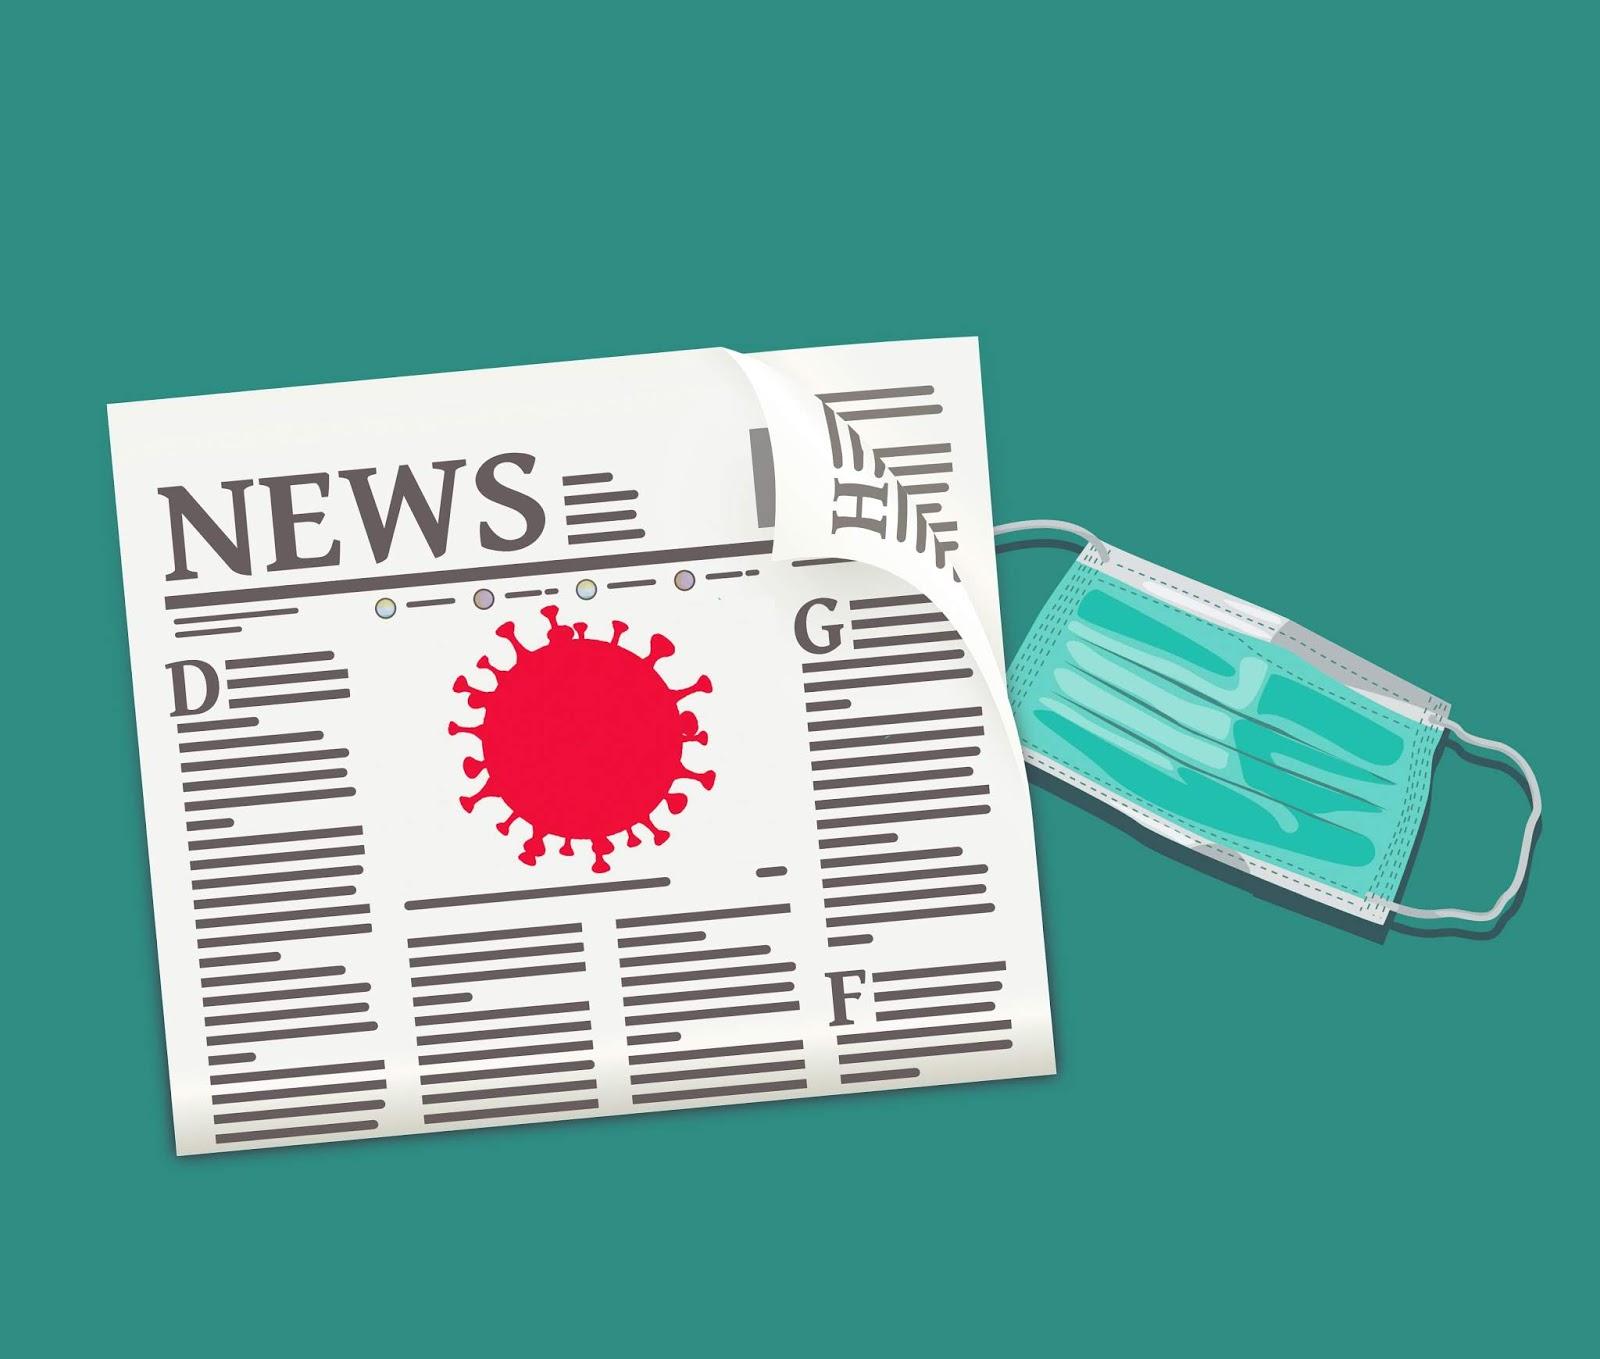 Illustration of corona virus news